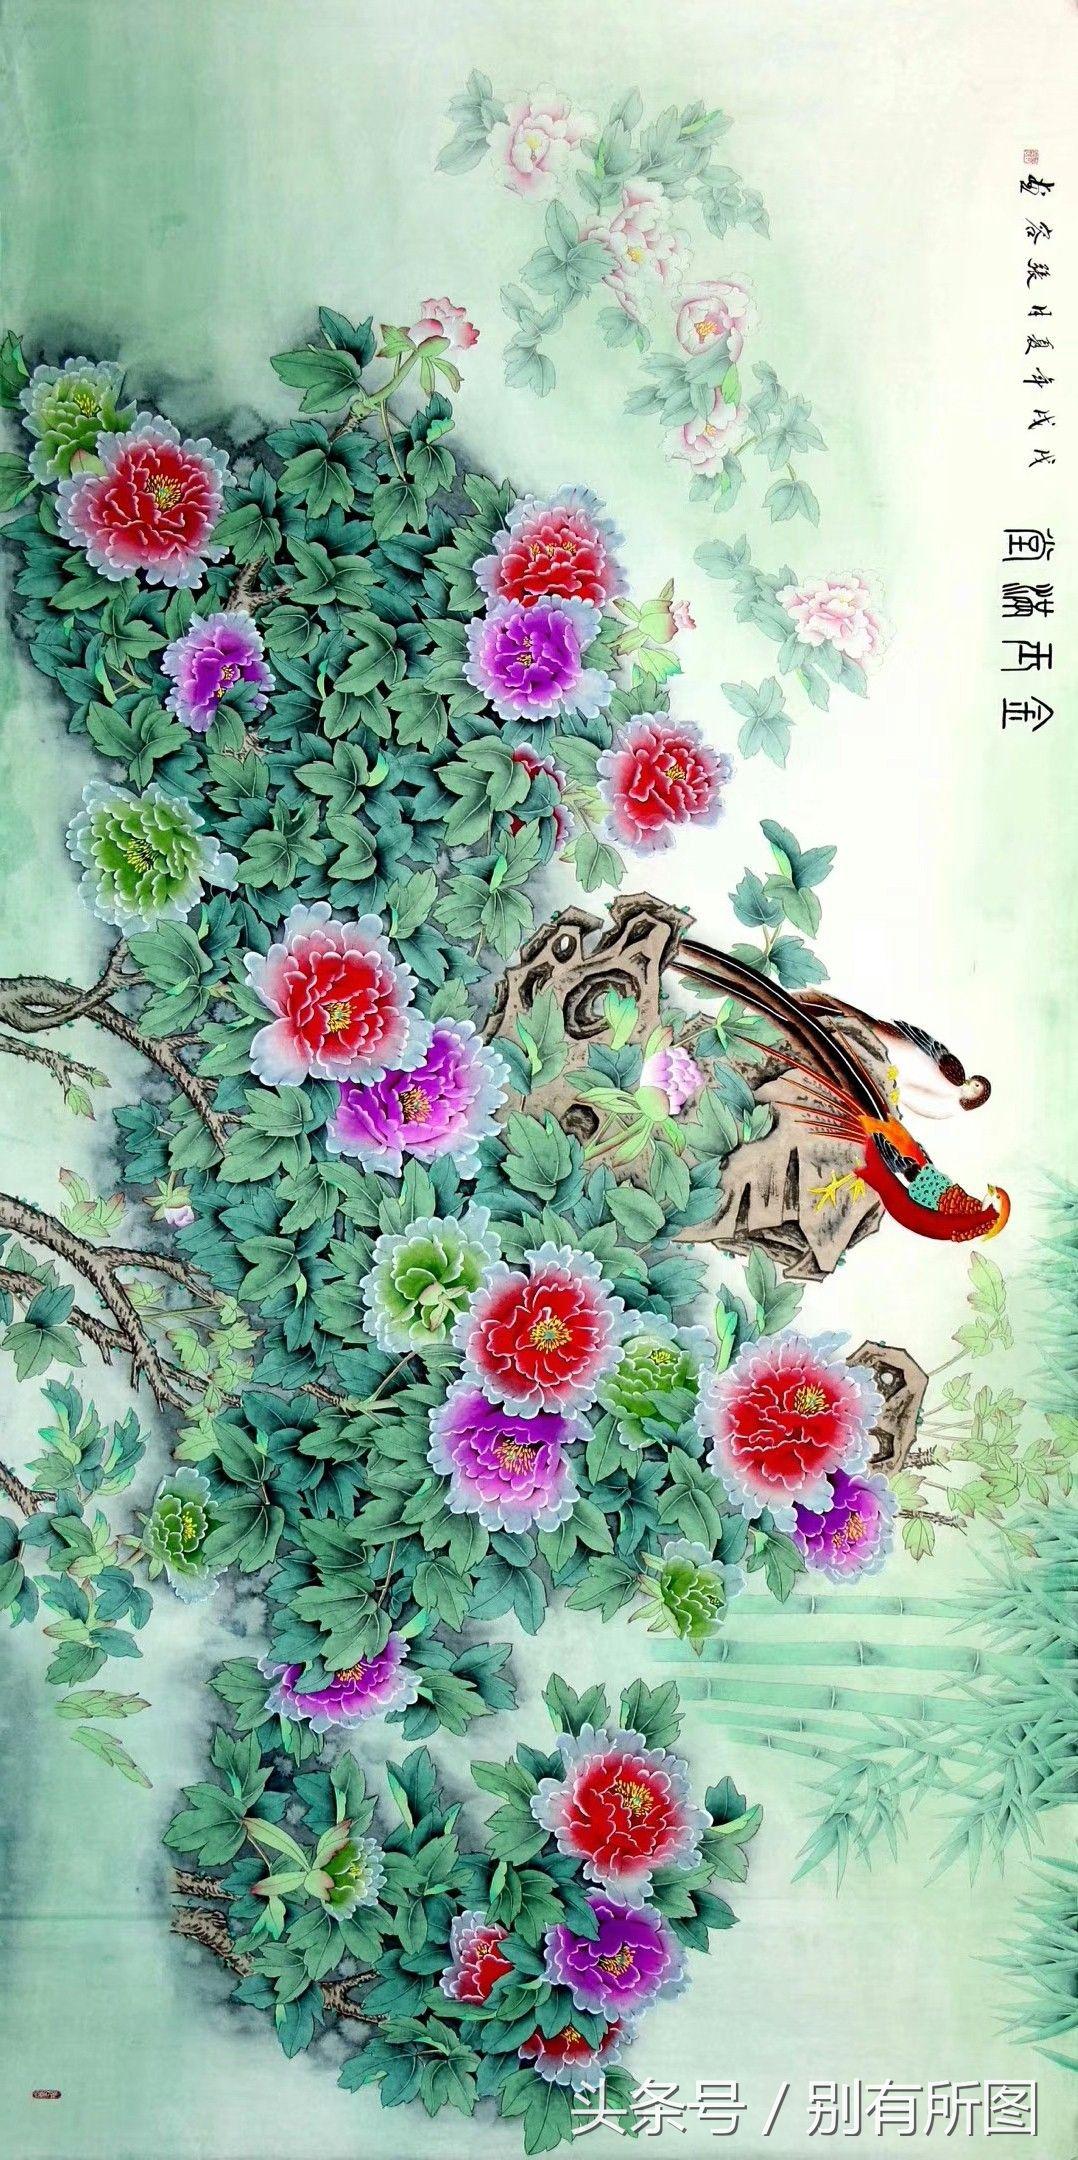 美协张容国画精品大八尺工笔 牡丹 富贵荣华 八幅图作品欣赏